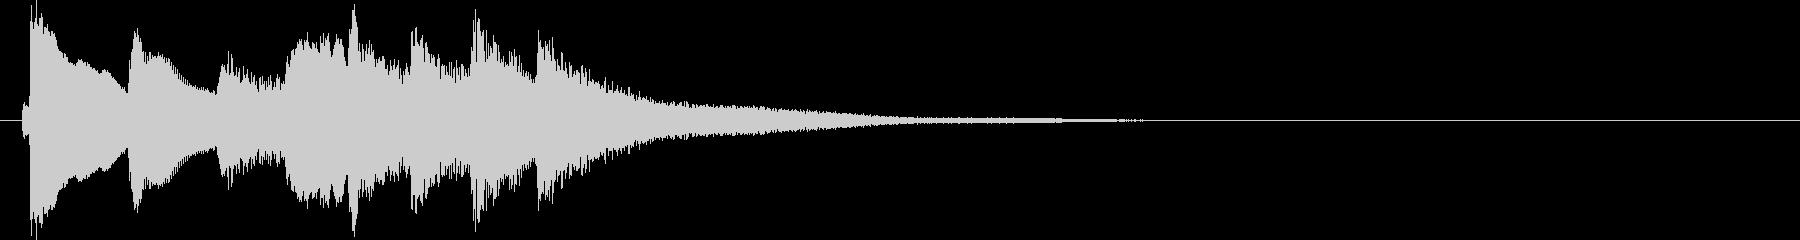 和風 雅でシンプルなお琴 20.9.12の未再生の波形